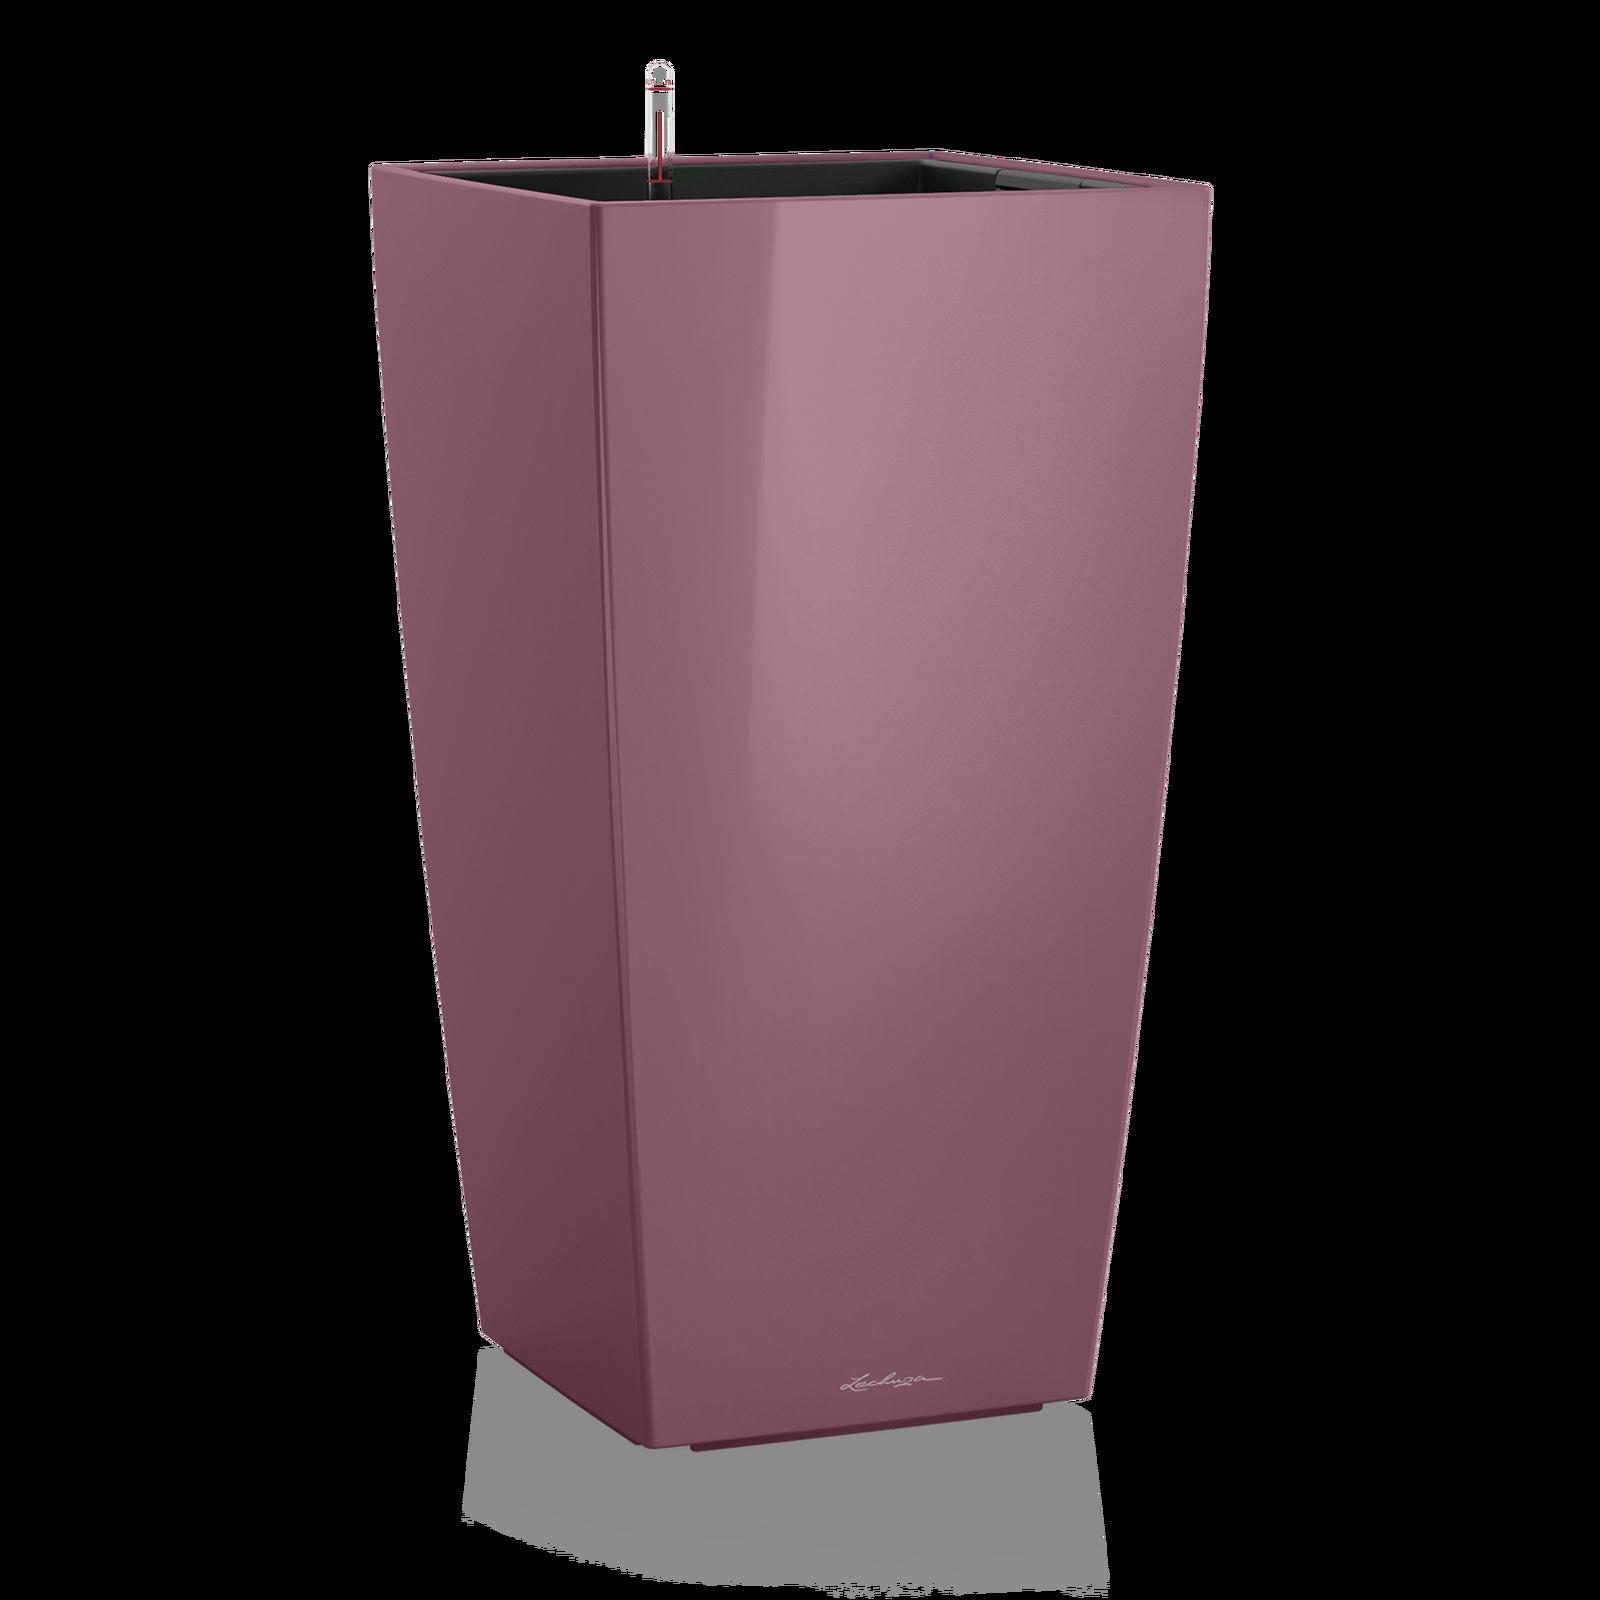 Купить Кашпо кубико сливового цвета с системой автополива, inmyroom, Германия